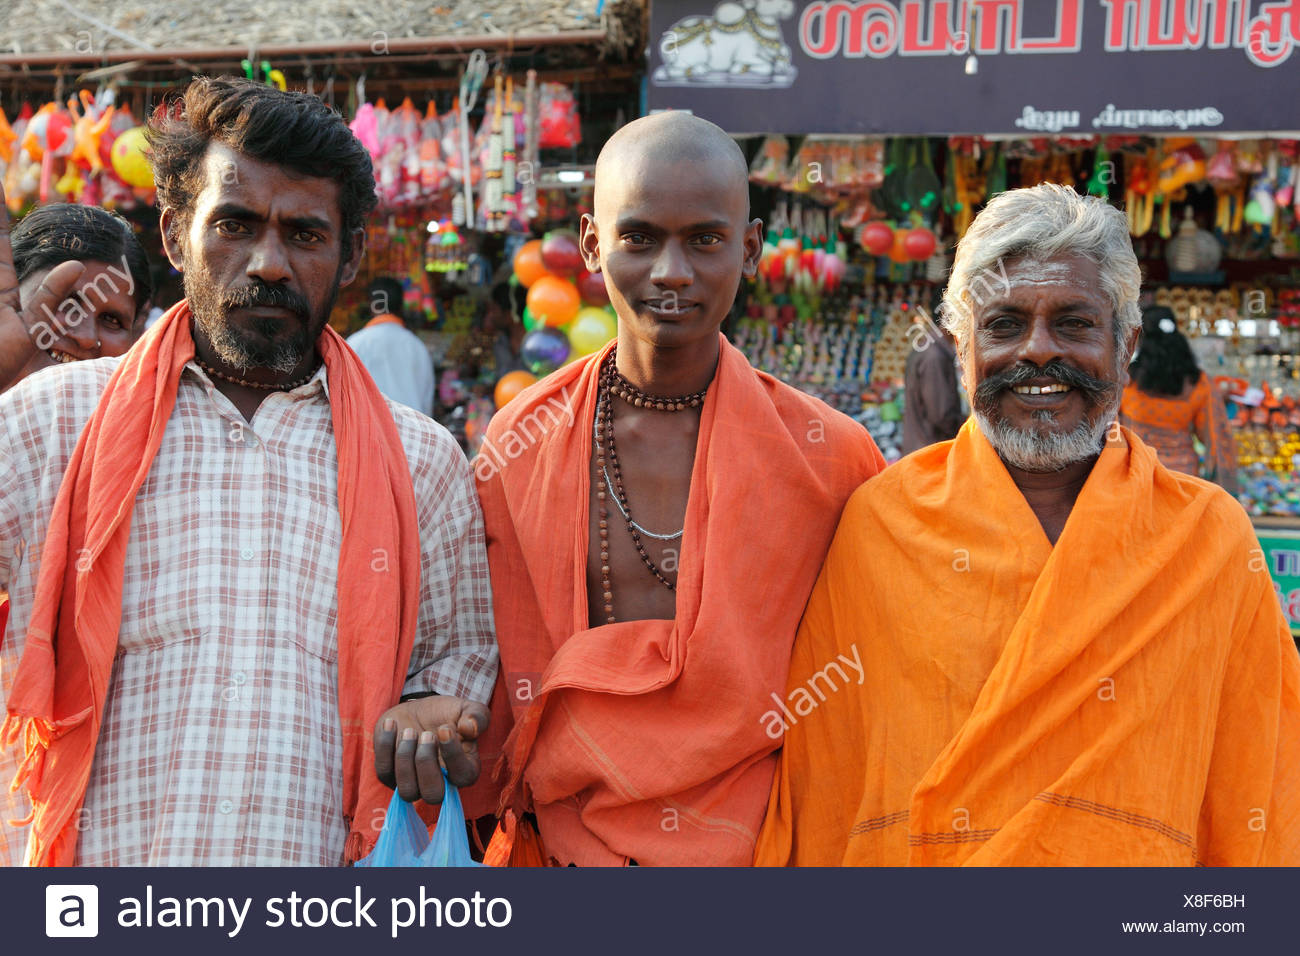 Les hommes de trois générations, Festival Thaipusam, fête hindoue, Palani, Tamil Nadu, Tamilnadu, Inde du Sud, Inde, Asie Photo Stock